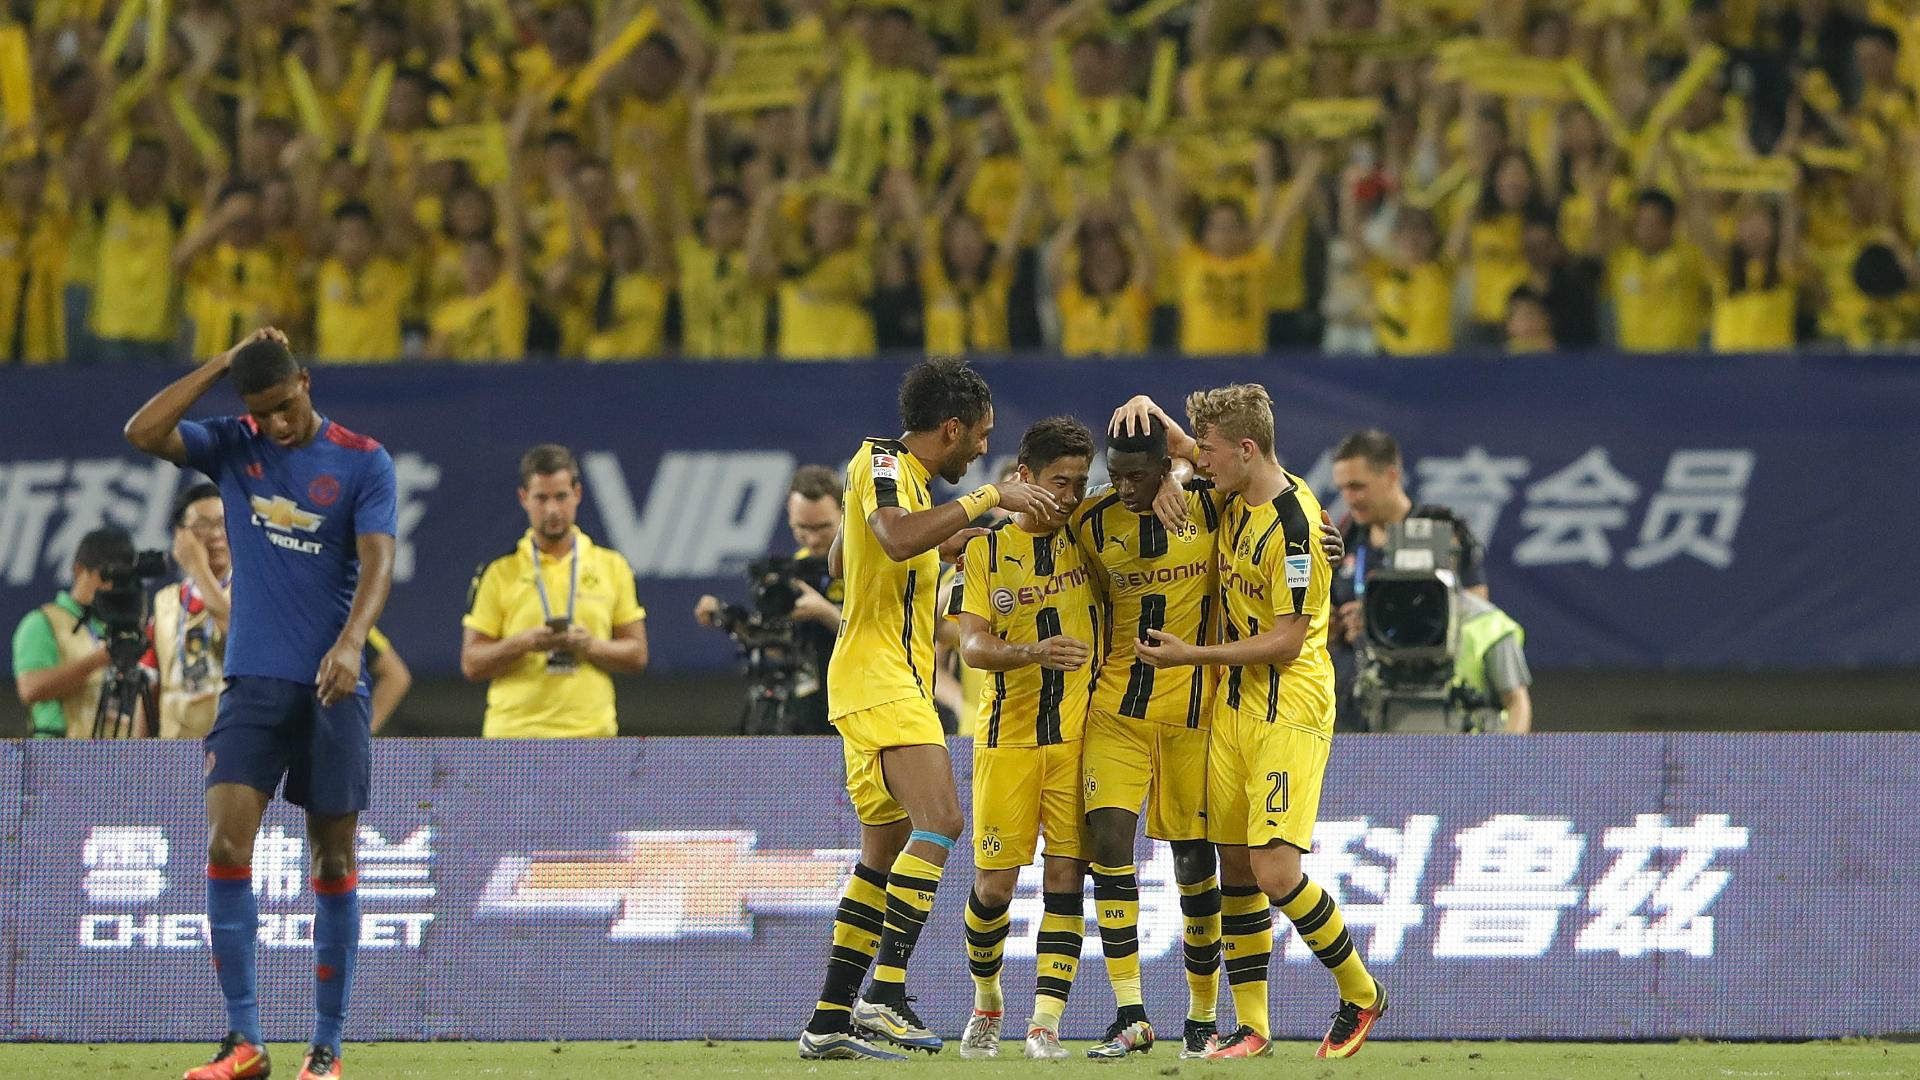 Borussia Dortmund ICC 2016